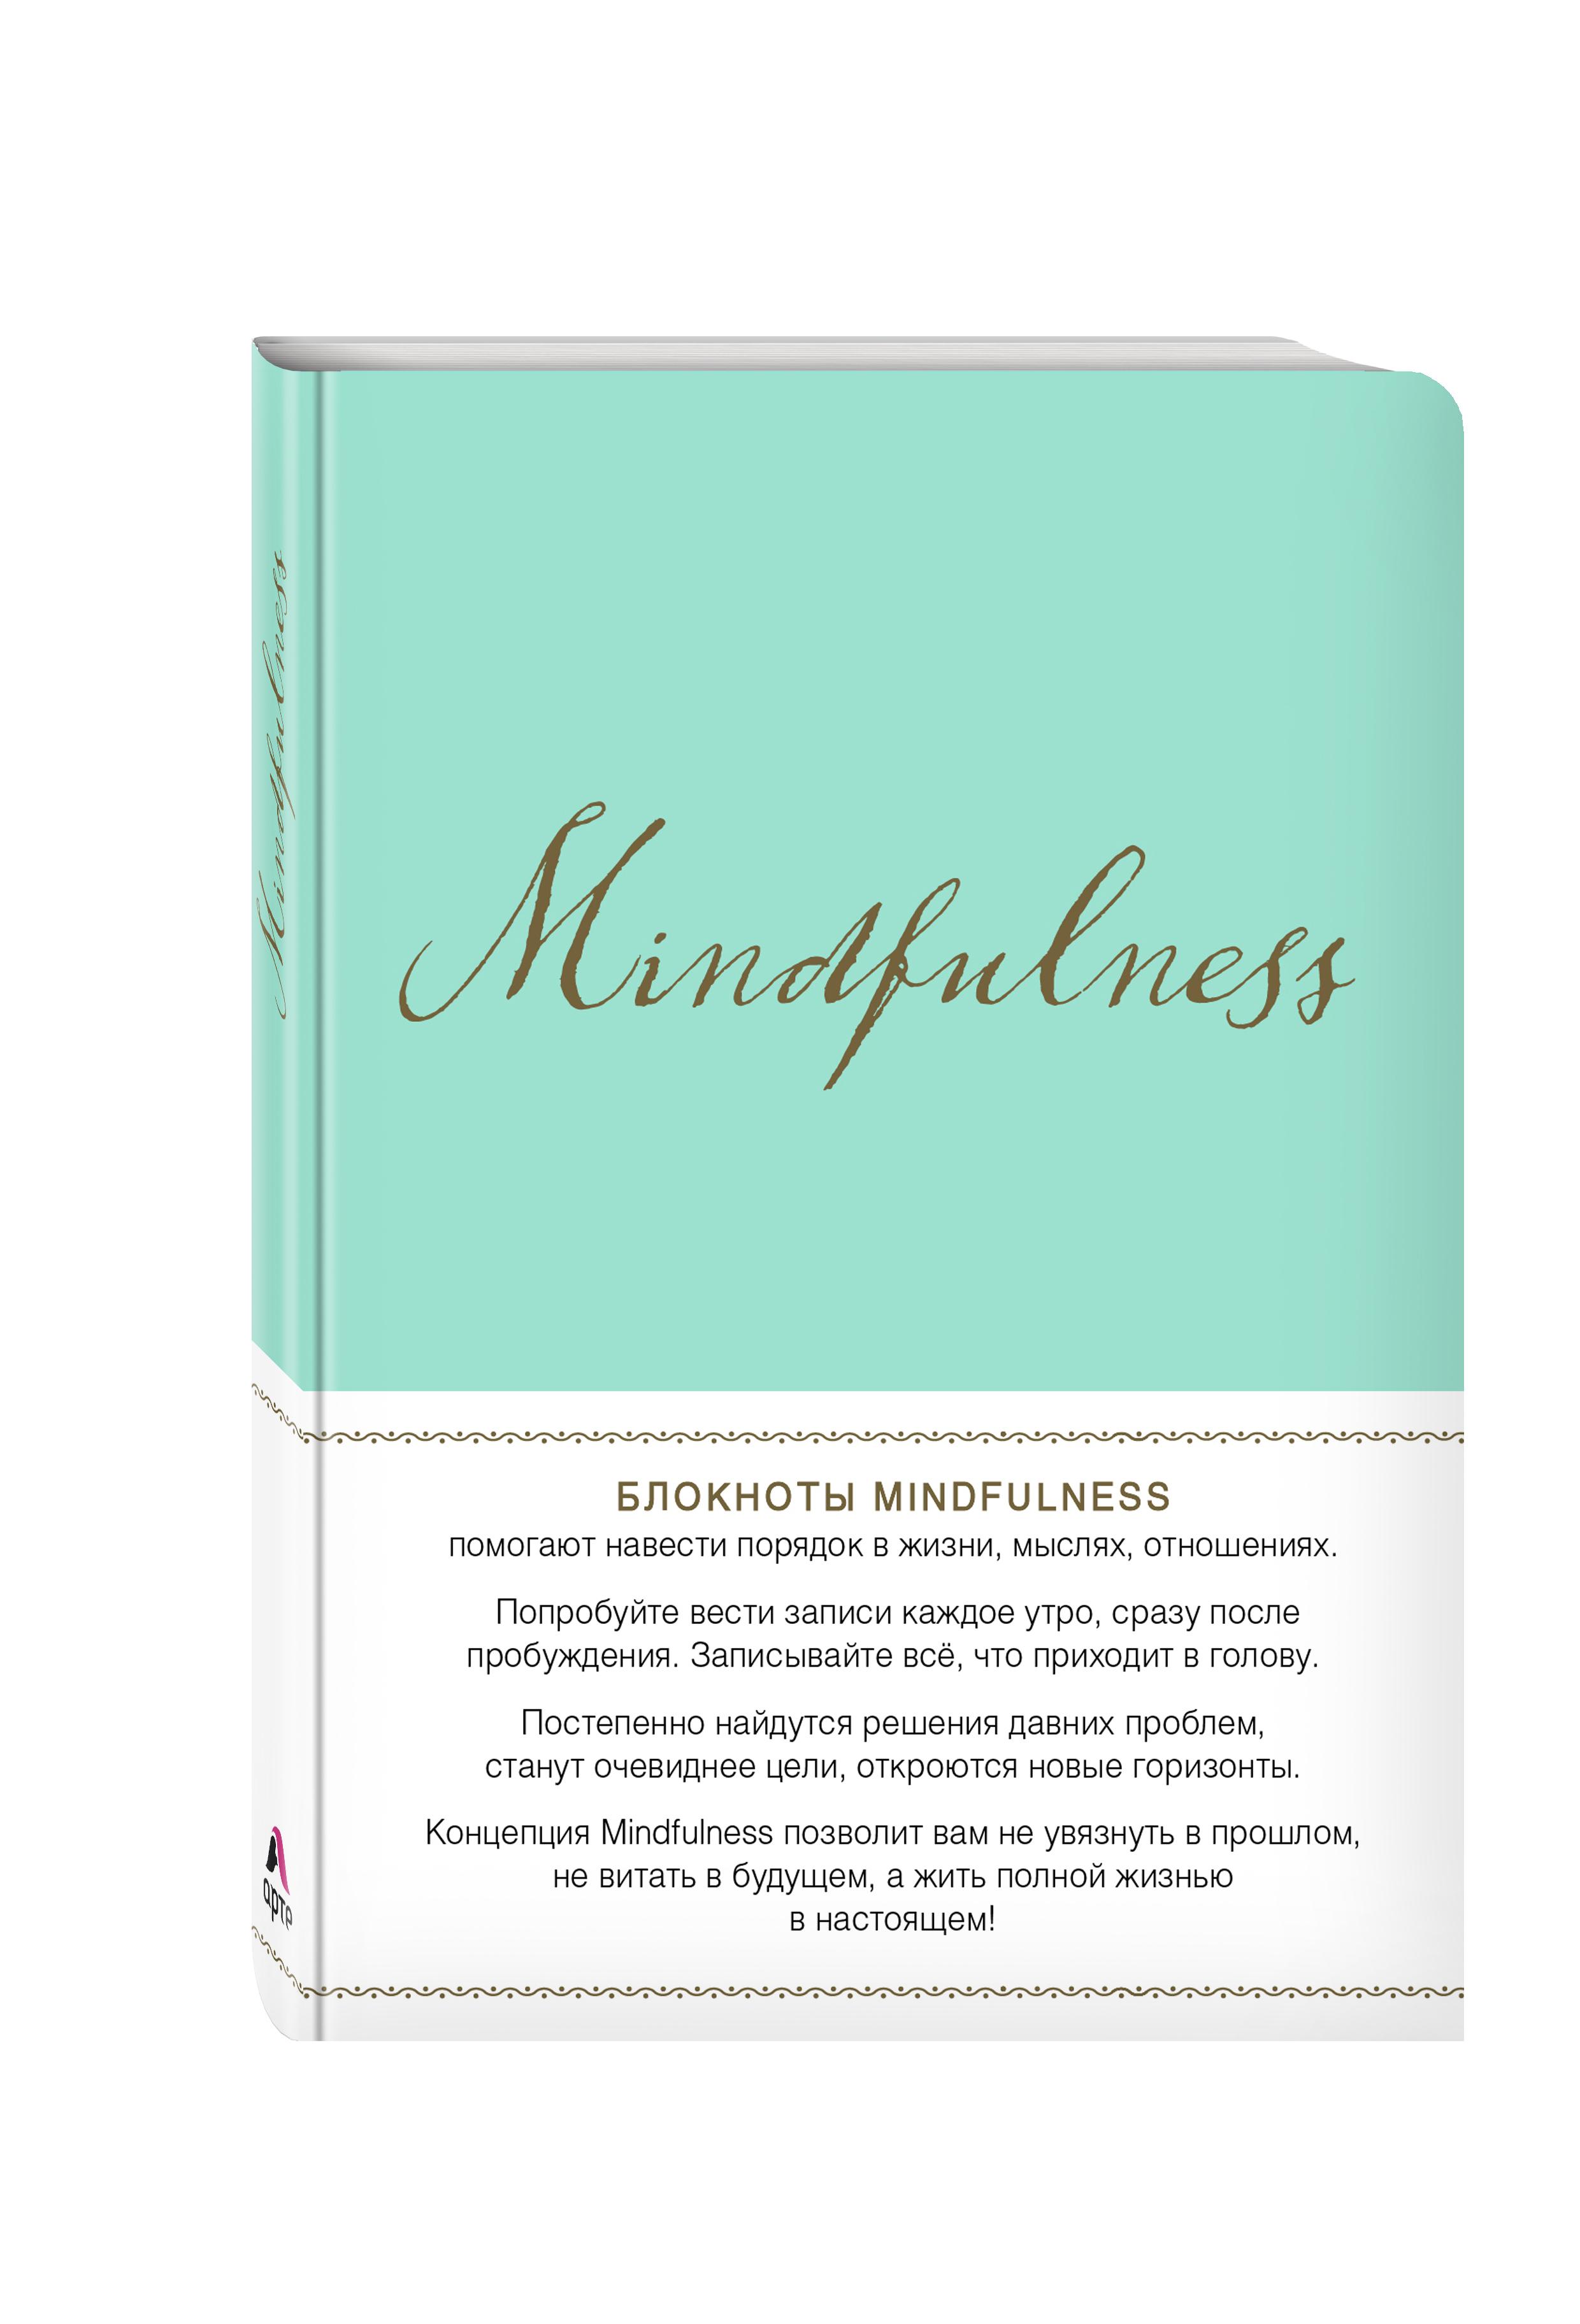 Mindfulness. Утренние страницы (мята) (скругленные углы) (Арте) mind ulness утренние страницы лимон